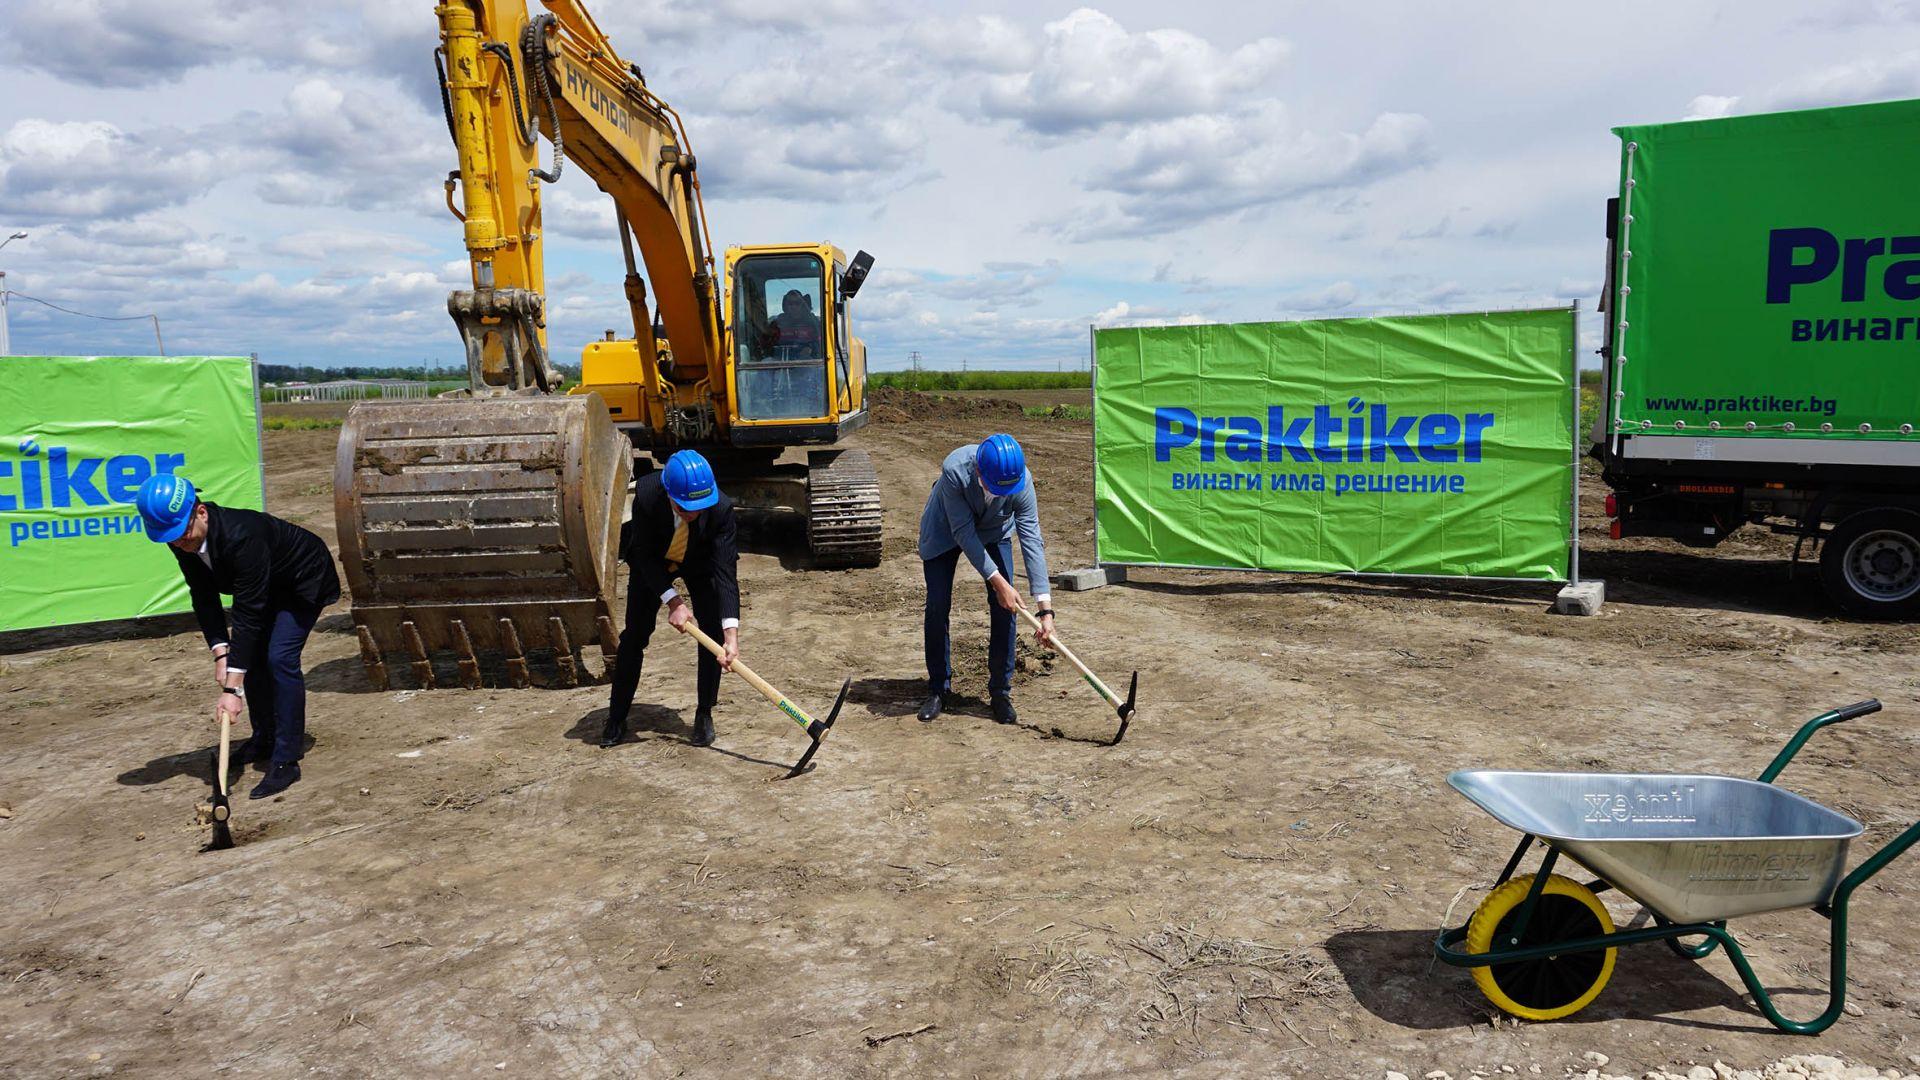 (от ляво надясно): г-н Йордан Йорданов, г-н Тодор Белчев и г-н Костадин Чуклев правят ритуална първа копка на новия обект.